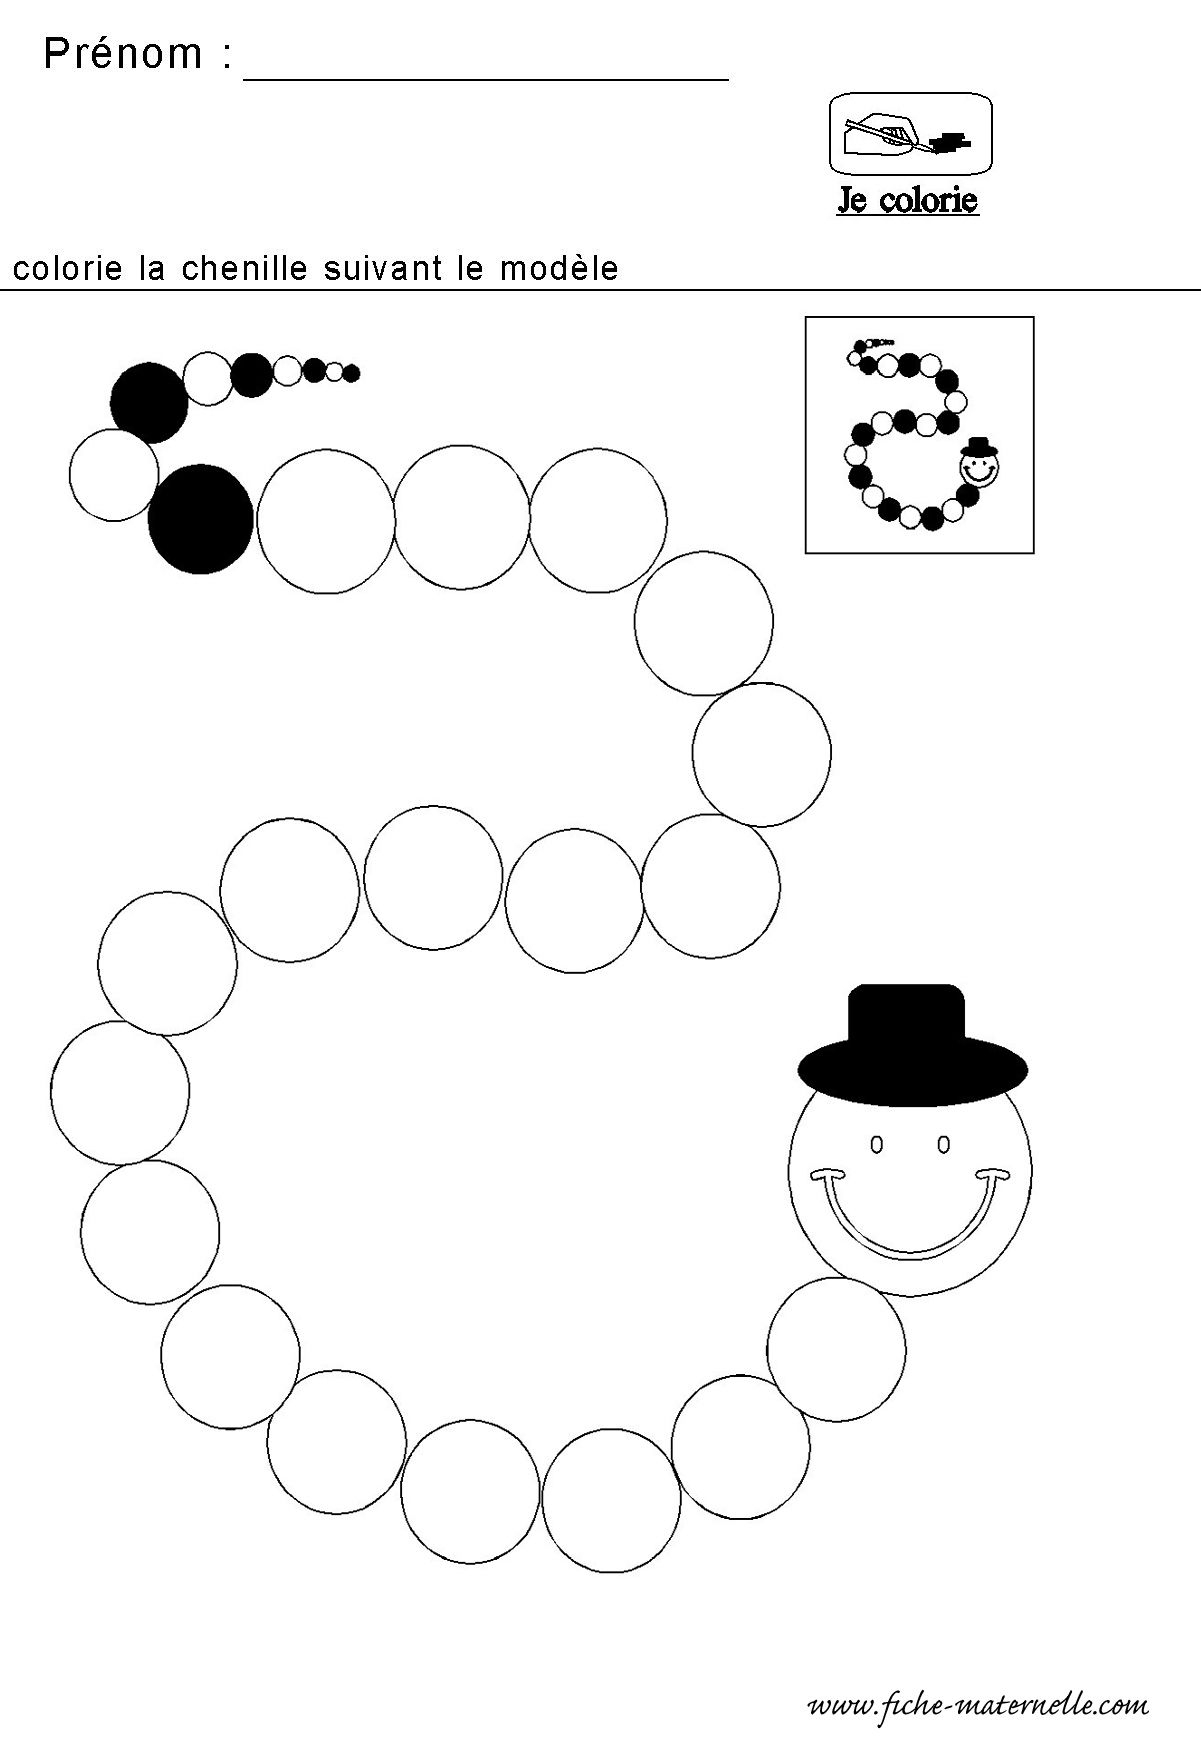 Mathematiques Maternelle Algorithme De La Chenille concernant Moyen Section Maternelle Exercice